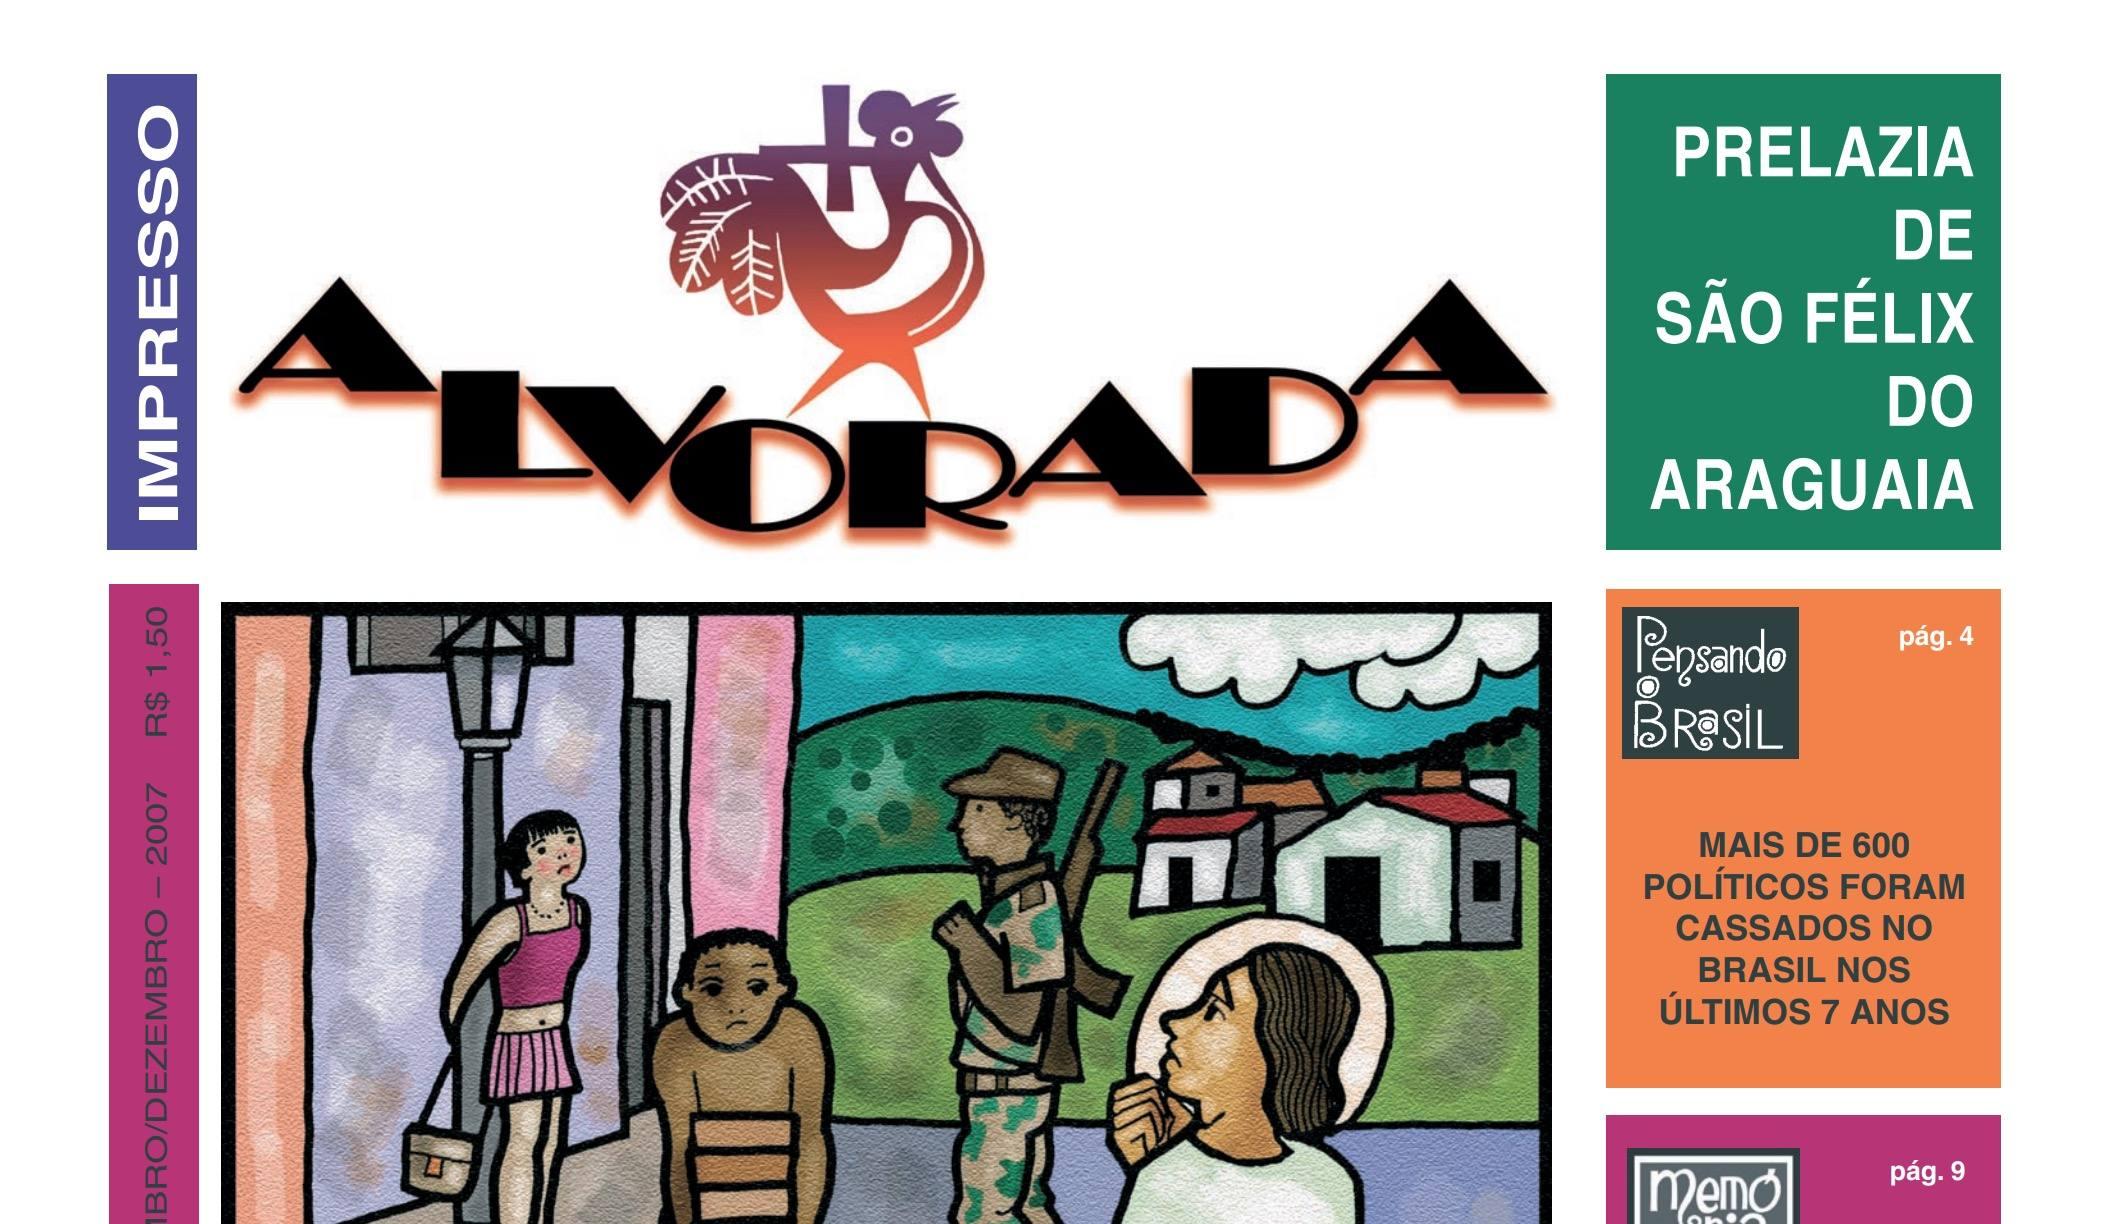 Alvorada: escapando da repressão no Araguaia